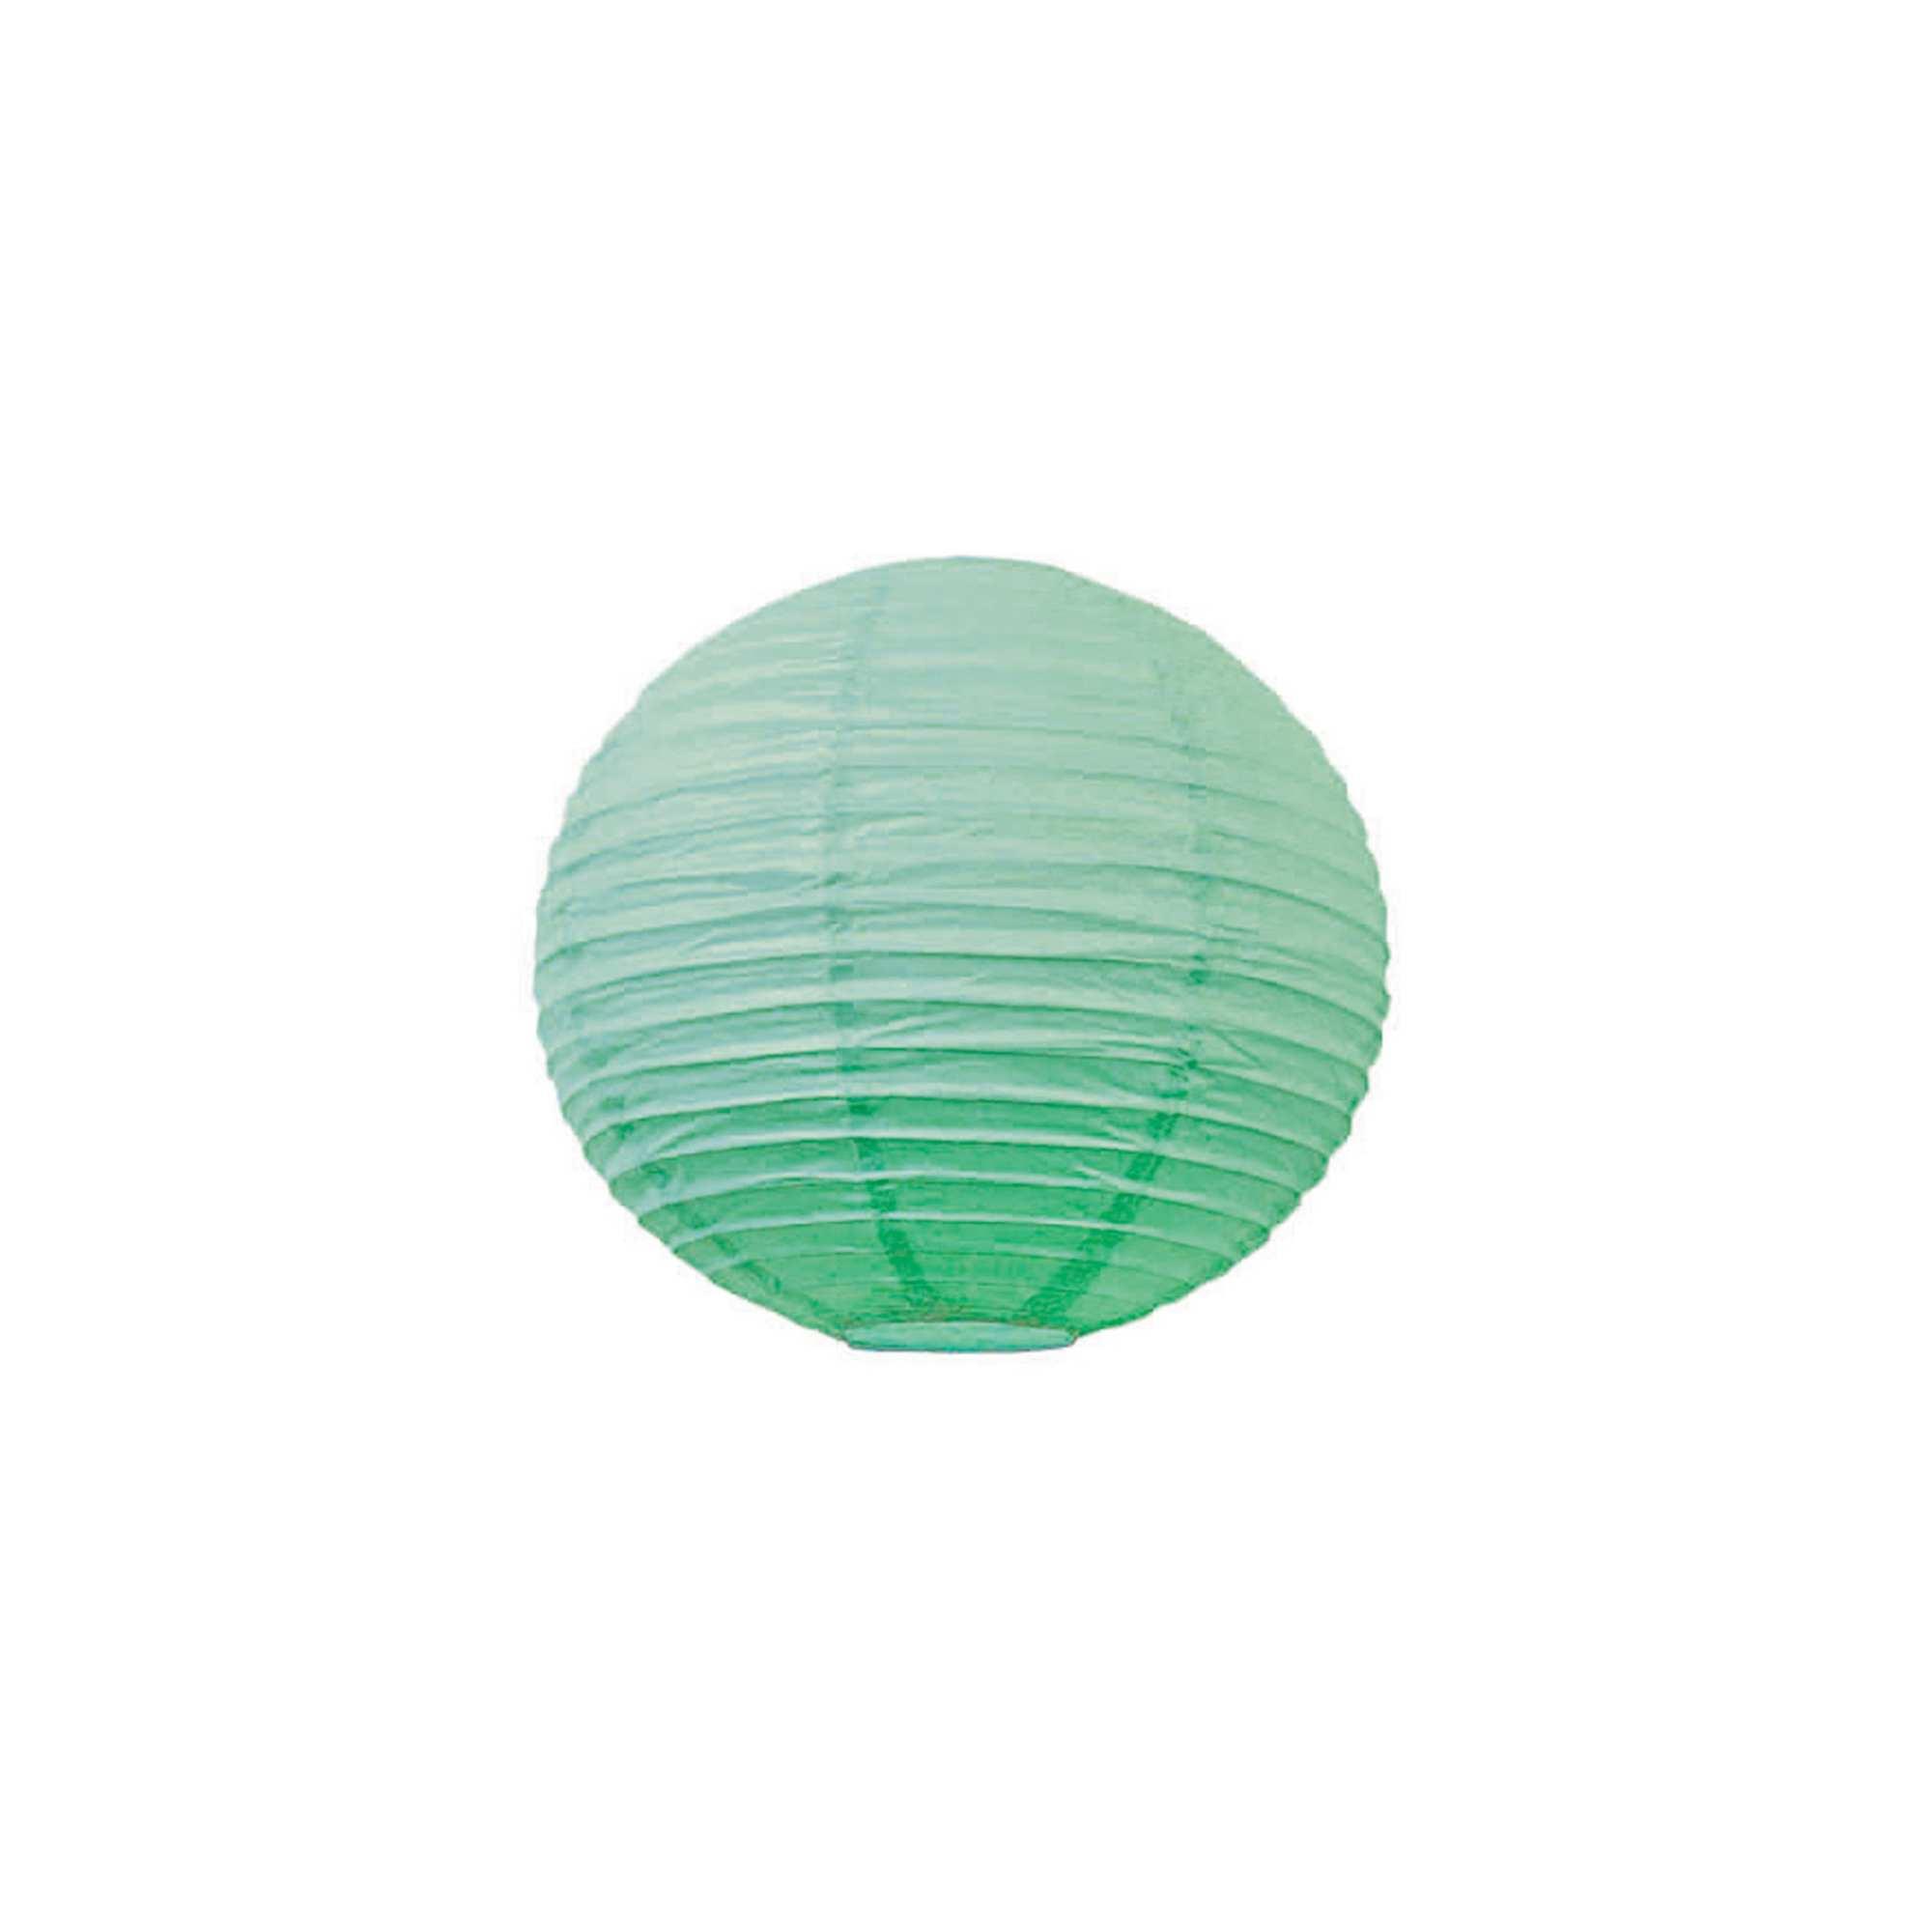 Lanterne chinoise en papier 15cm linge de lit kiabi 1 50 - Lanterne chinoise papier ...